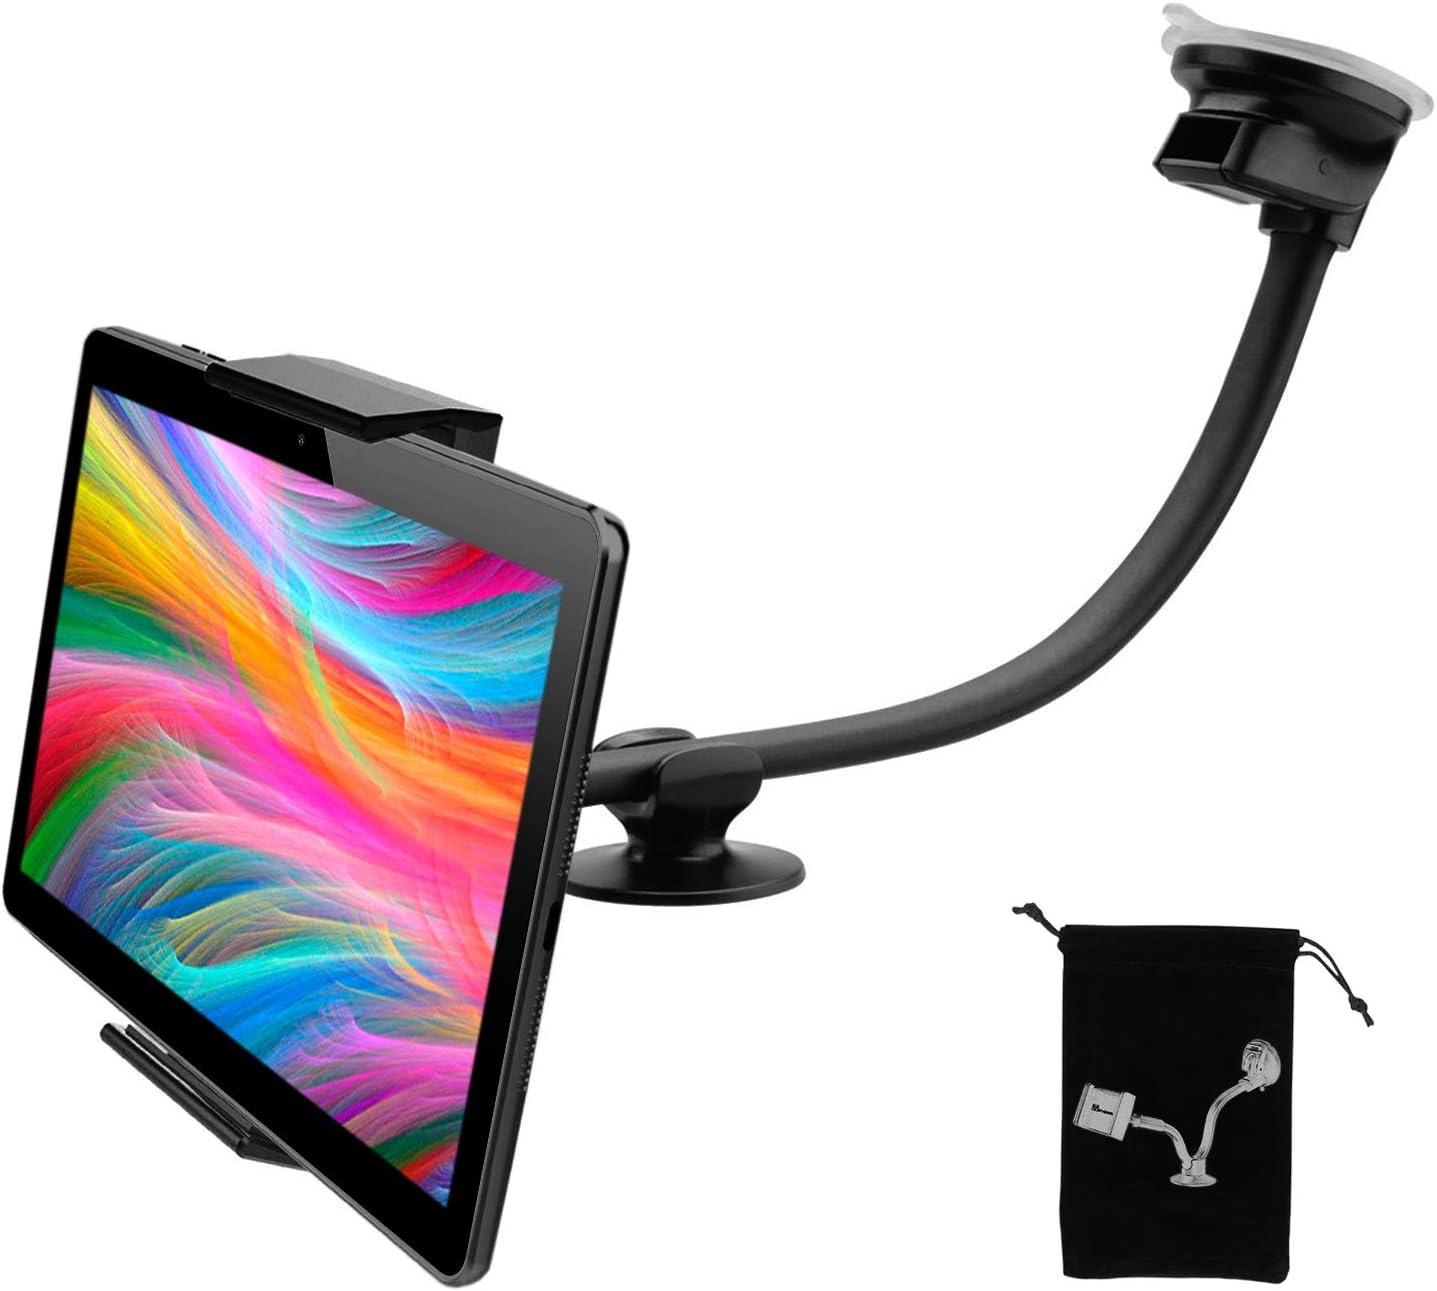 Soporte Tablet Coche salpicadero Ventosa Doble valido para Tablet pc de hasta 12